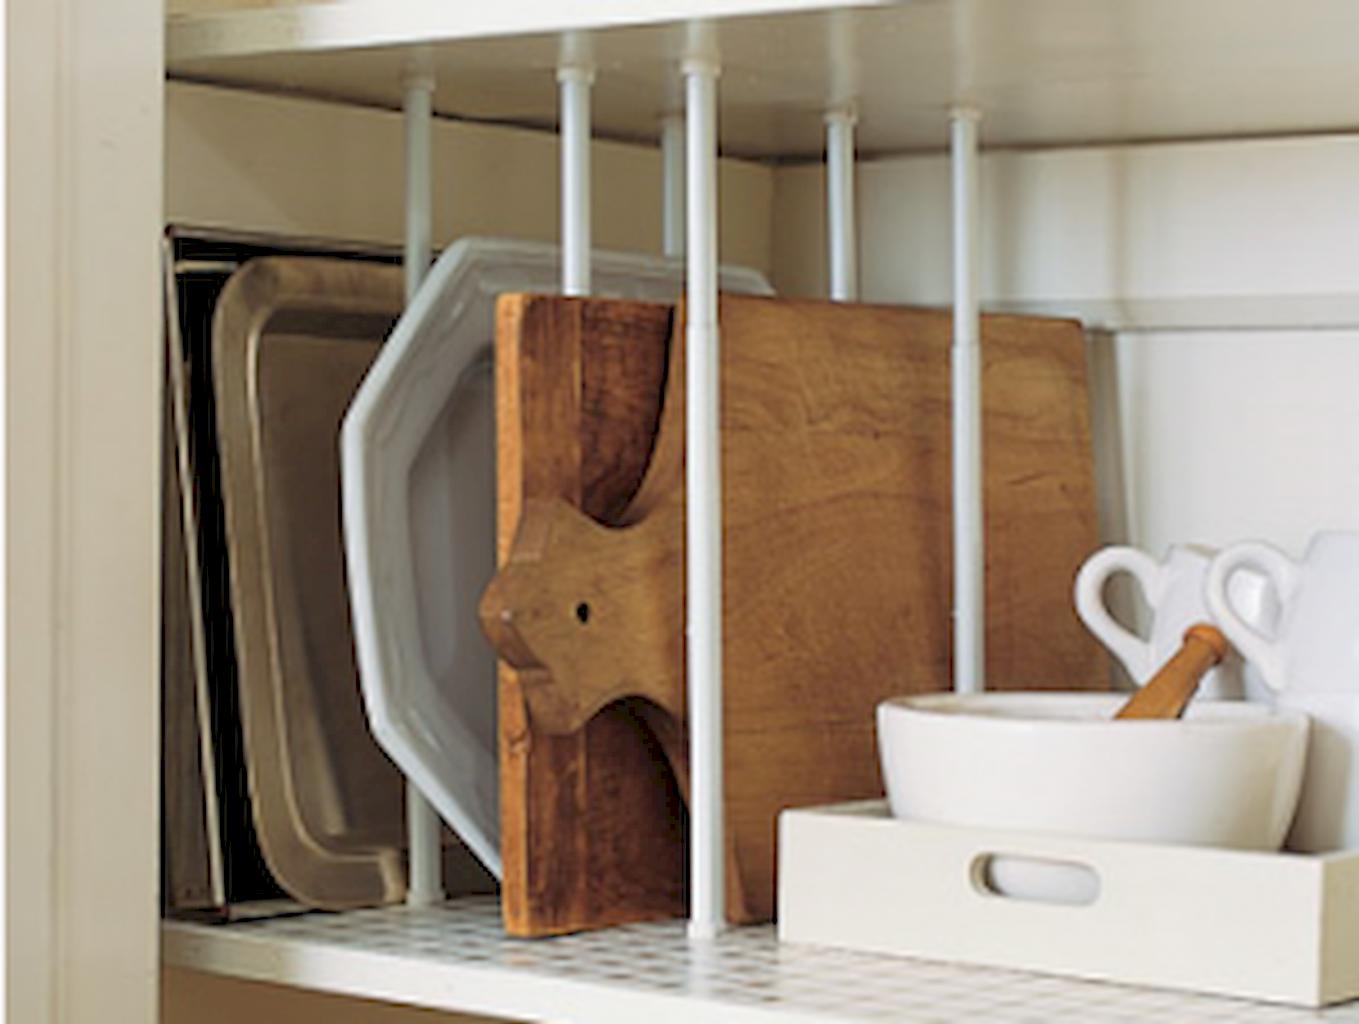 Rv Kitchen Storage Ideas Part - 49: 95 Travel Trailers Camper Storage Ideas